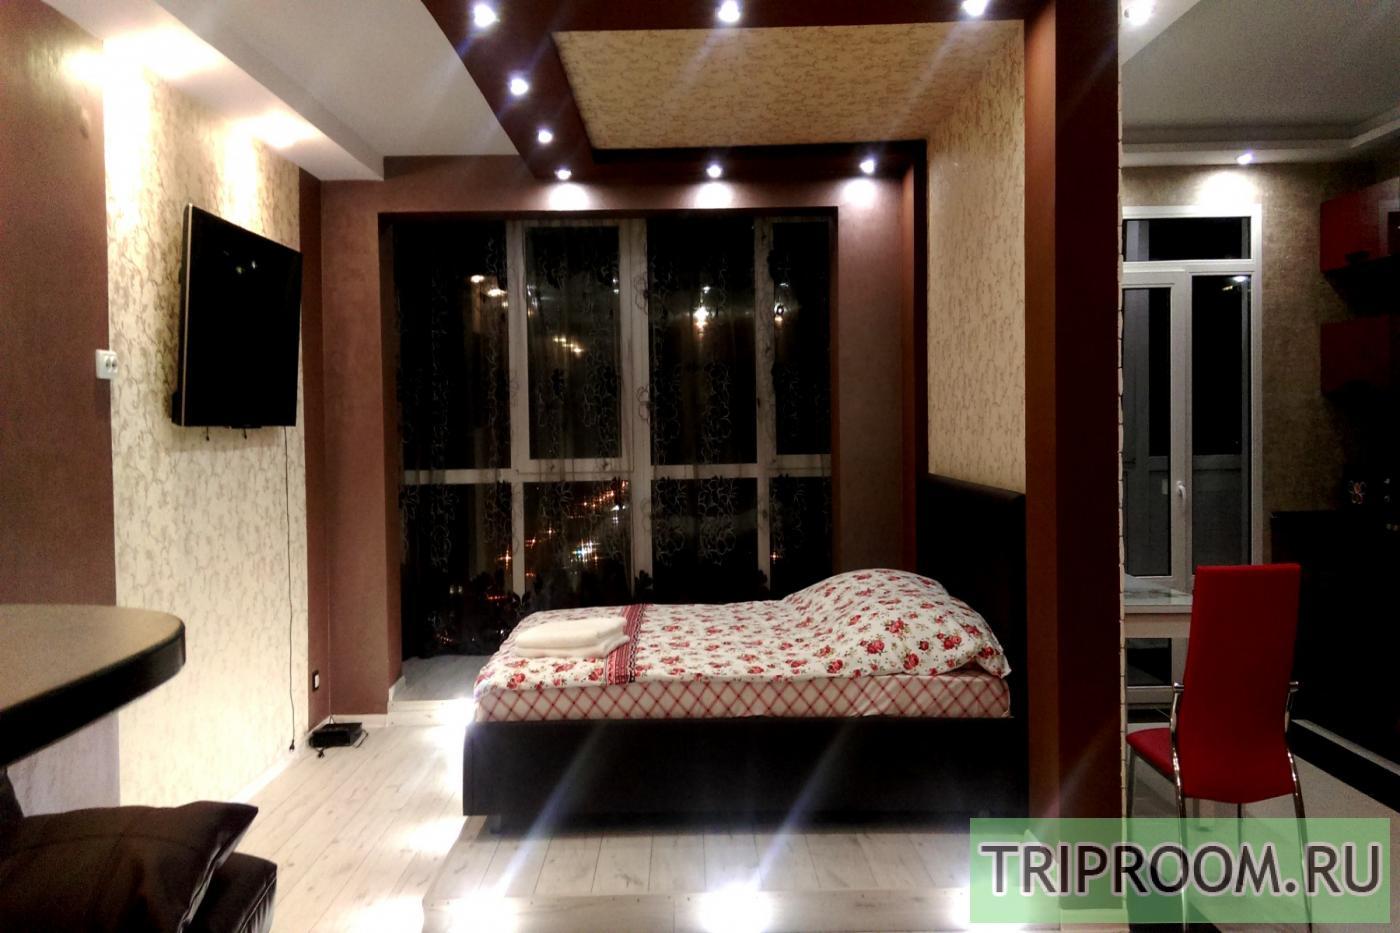 1-комнатная квартира посуточно (вариант № 21966), ул. Аткарская улица, фото № 4